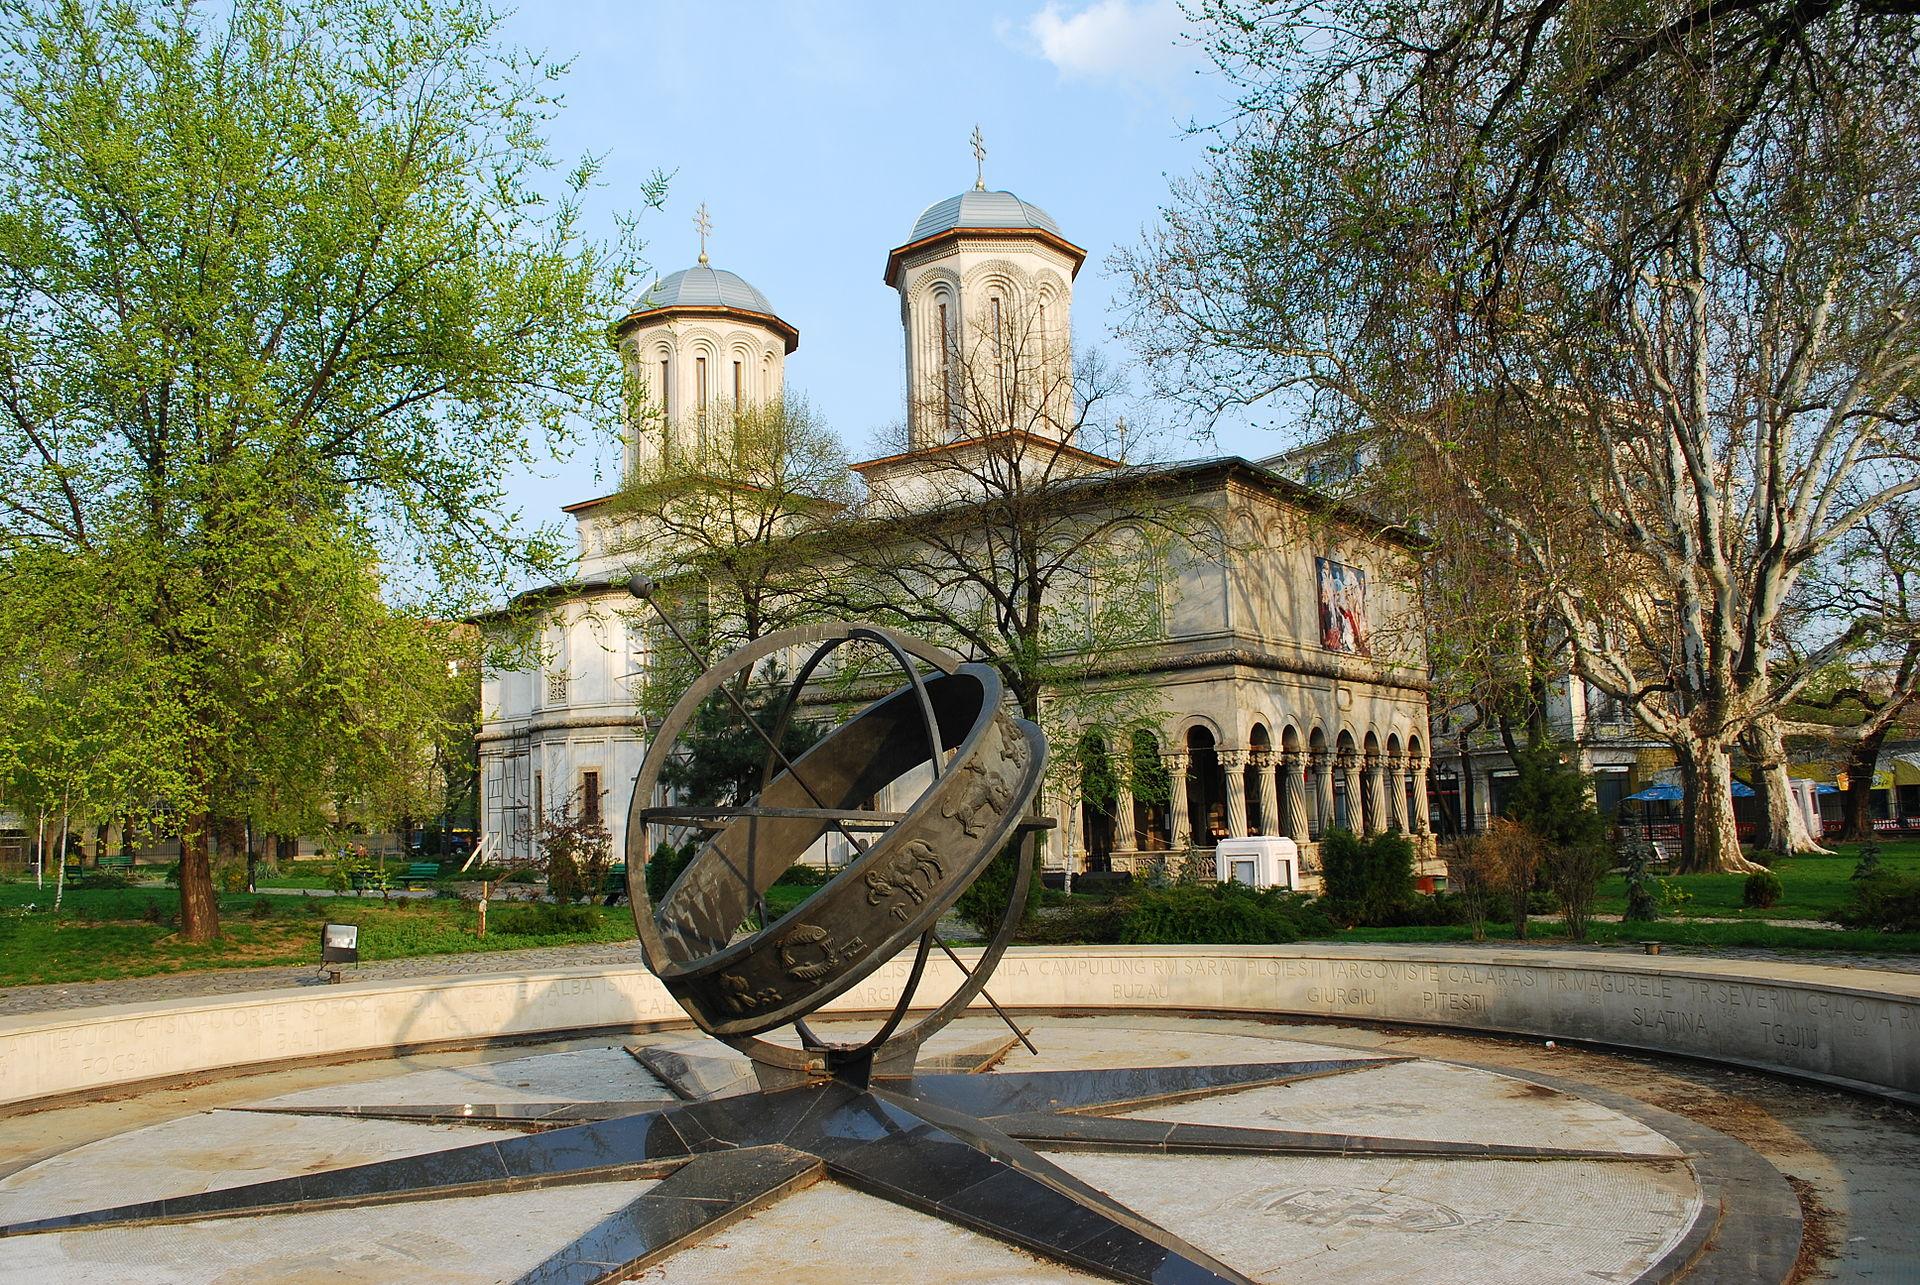 Km 0 - Centrul Bucurestiului - biserica Sfantul Gheorghe